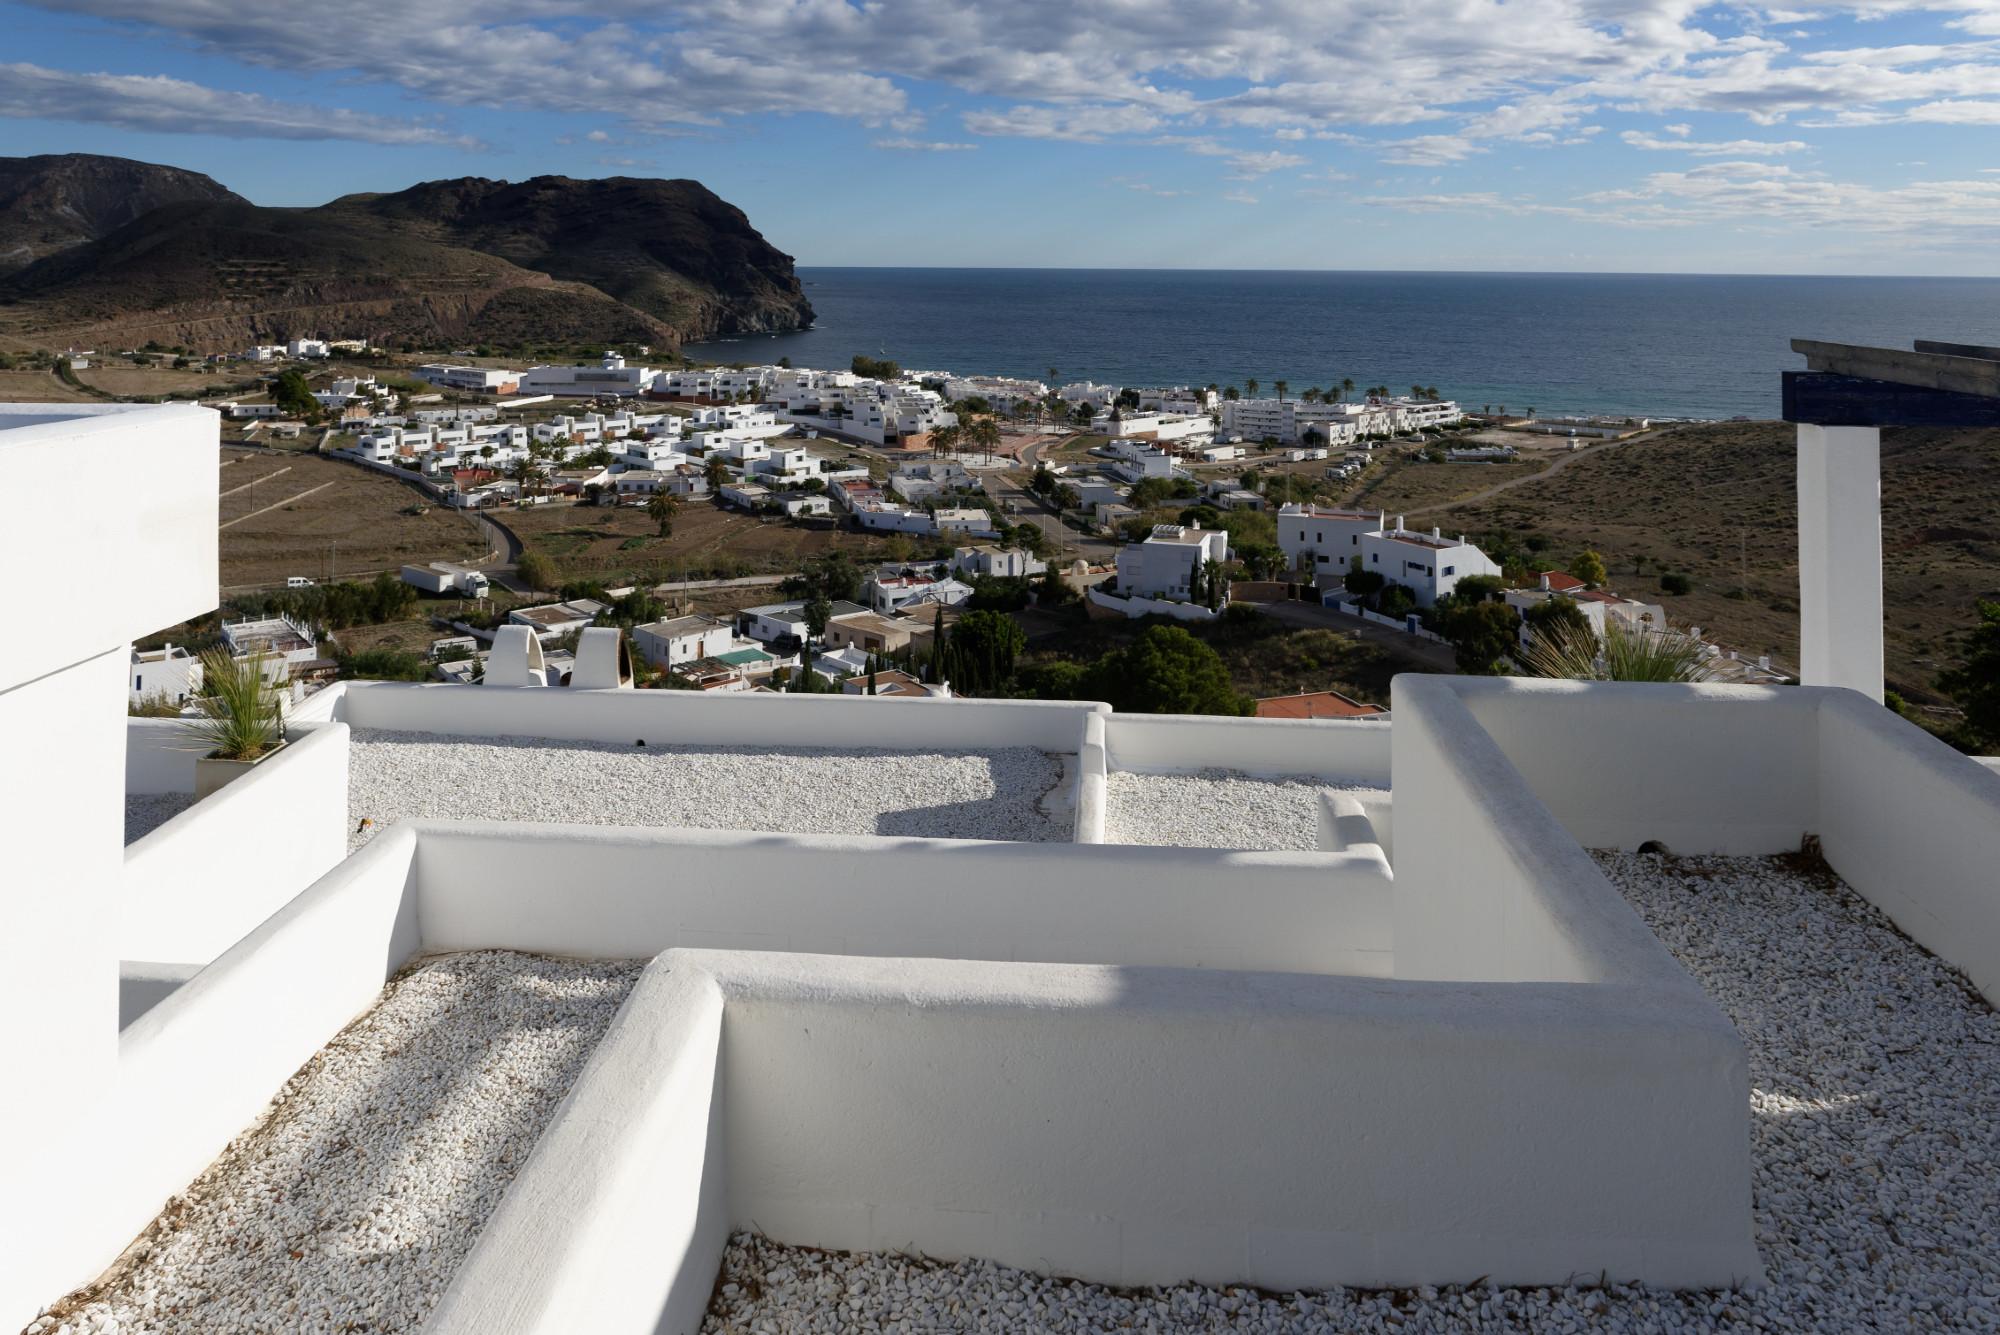 171216-Las Negras (Cabo de Gata-Andalousie) (30)